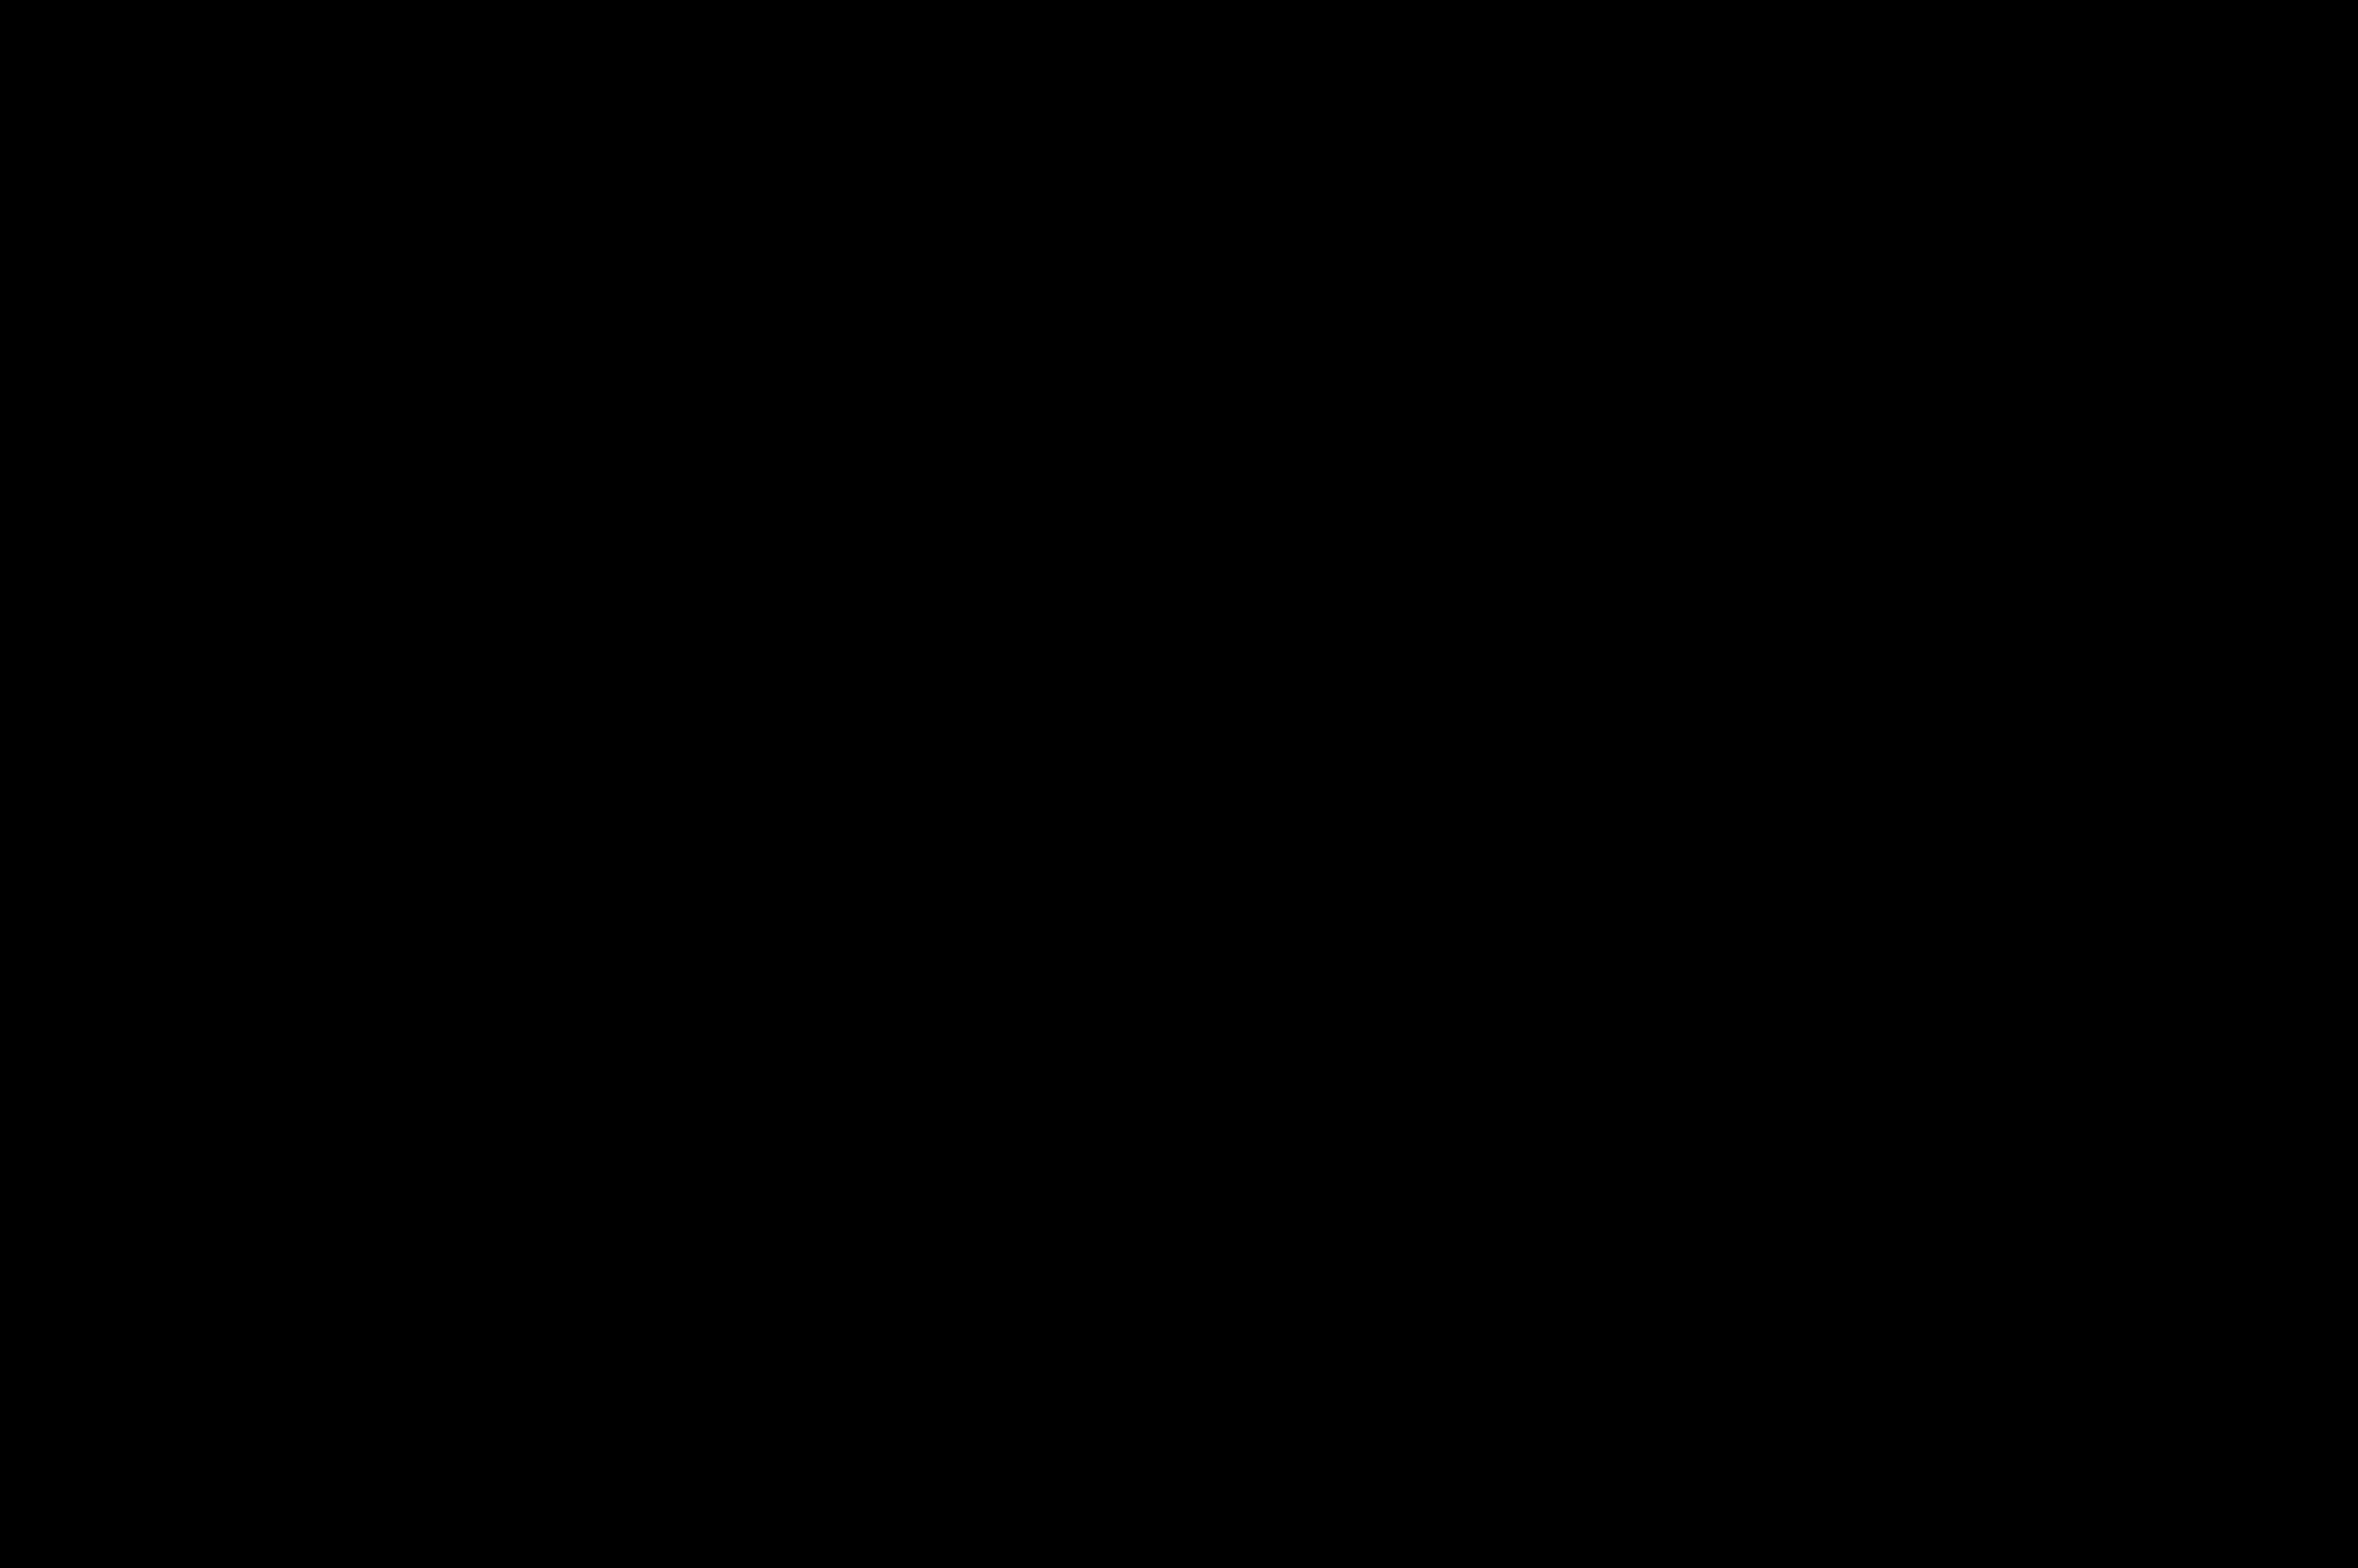 縦書きの表記例